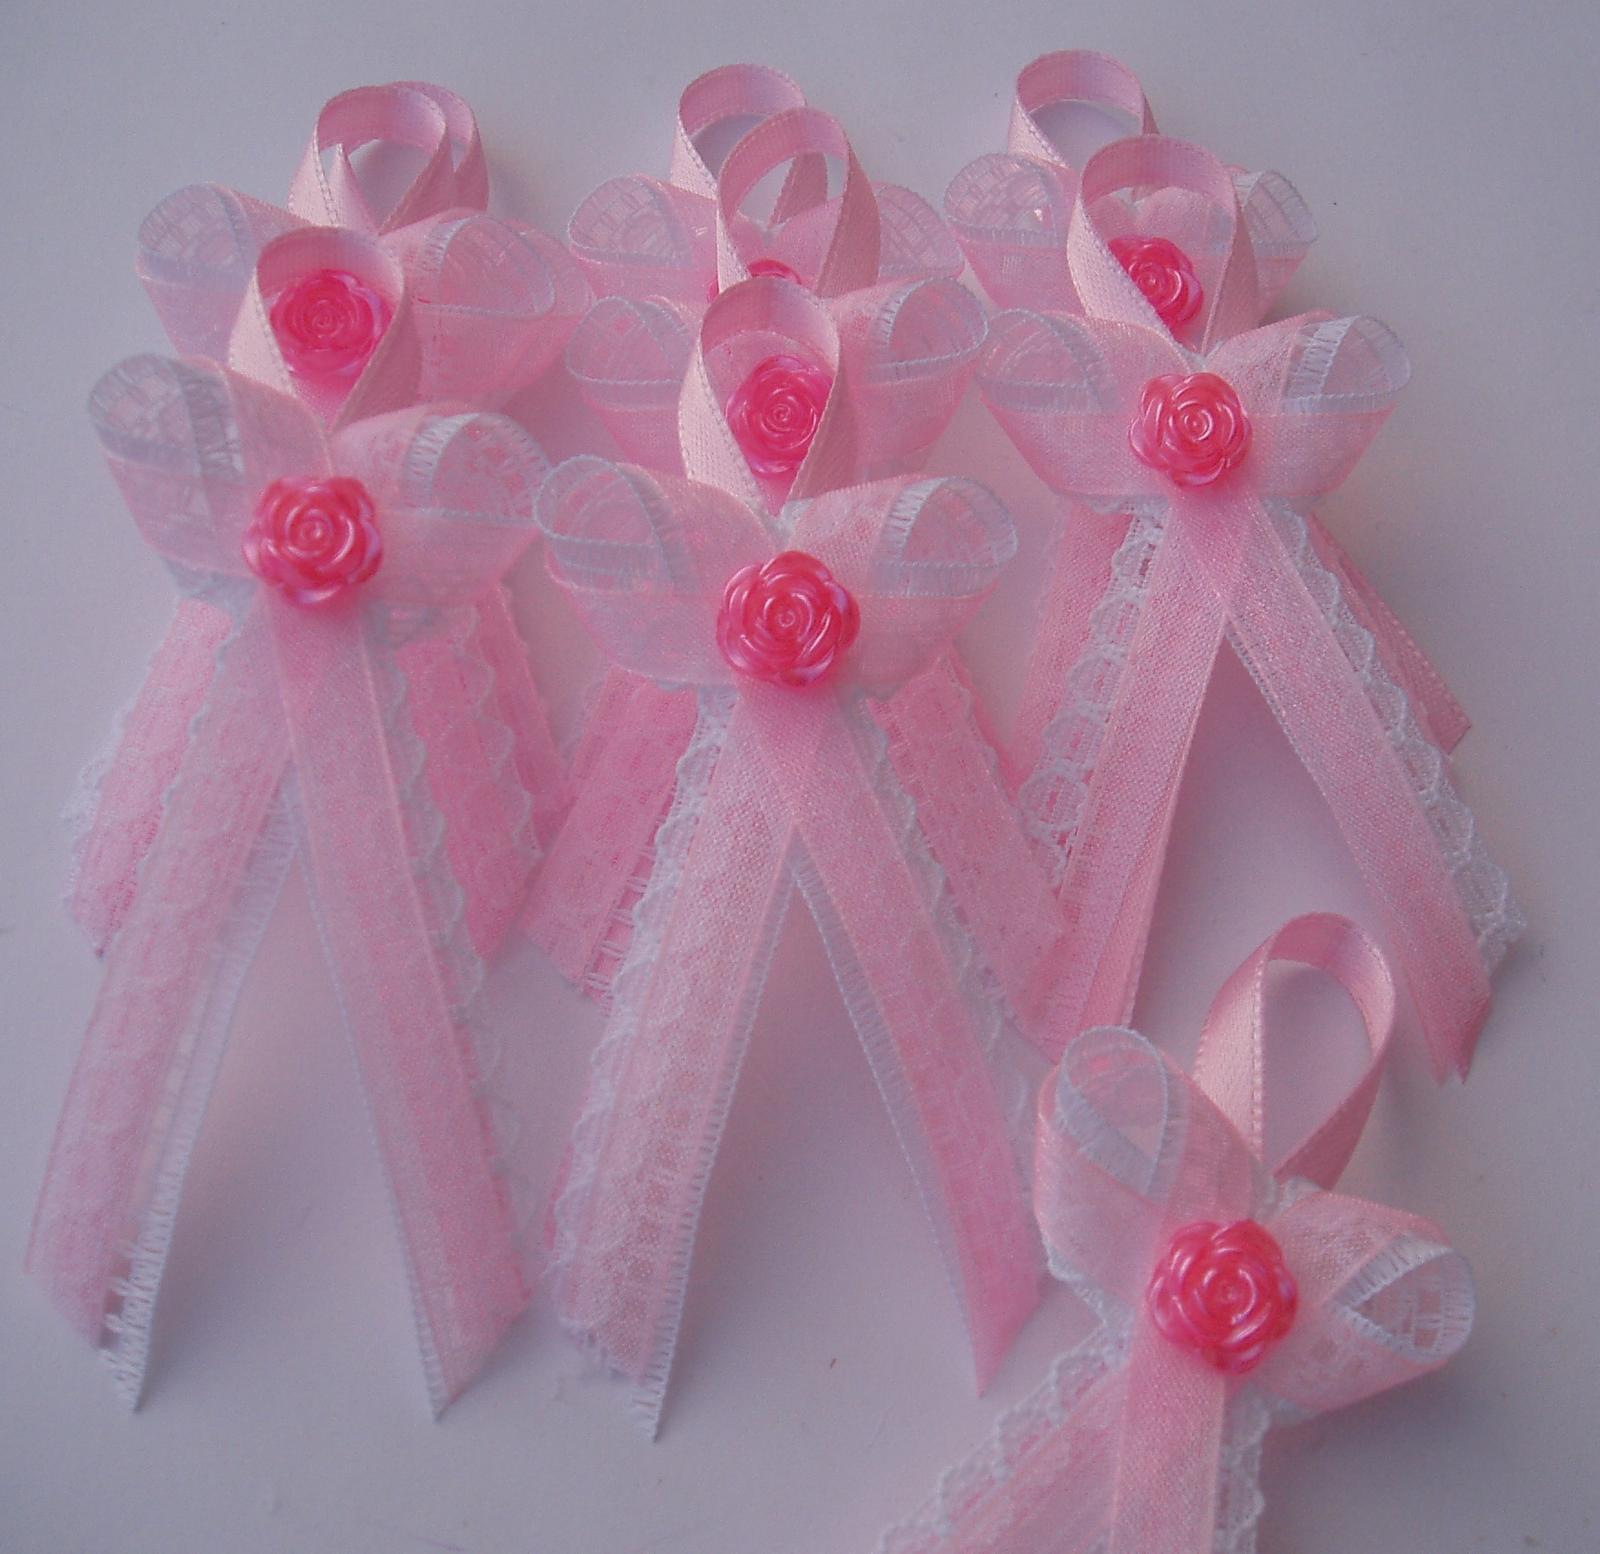 vývazek krajkový růžový - Obrázek č. 1